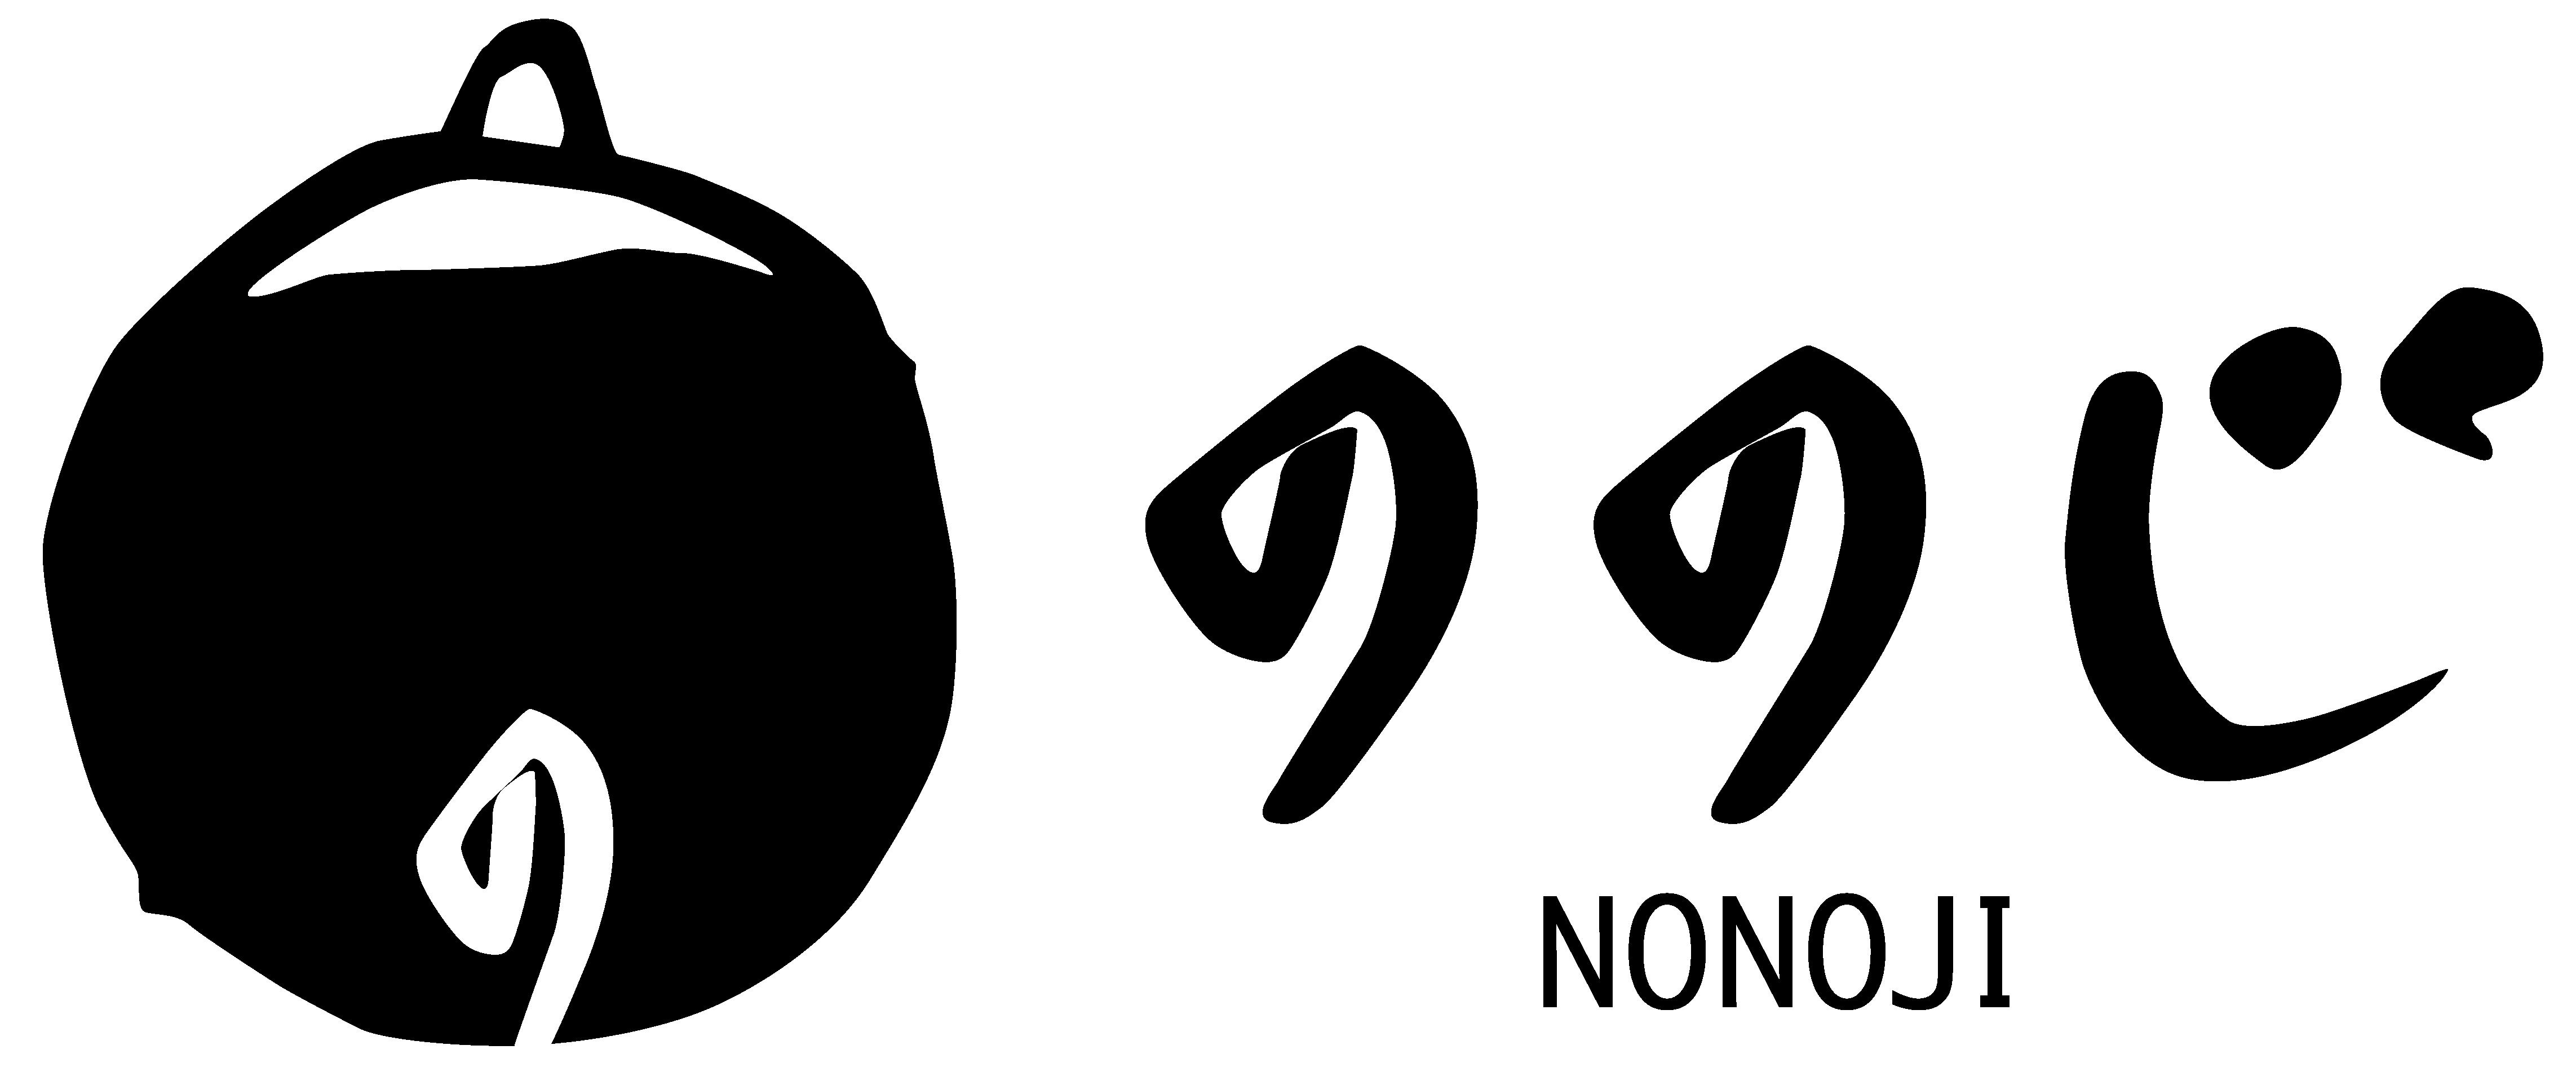 ののじ-NONOJI- 頭の揉みほぐし専門店|ドライヘッドスパ|札幌駅北口店/大通店/ 頭痛 眼精疲労改善